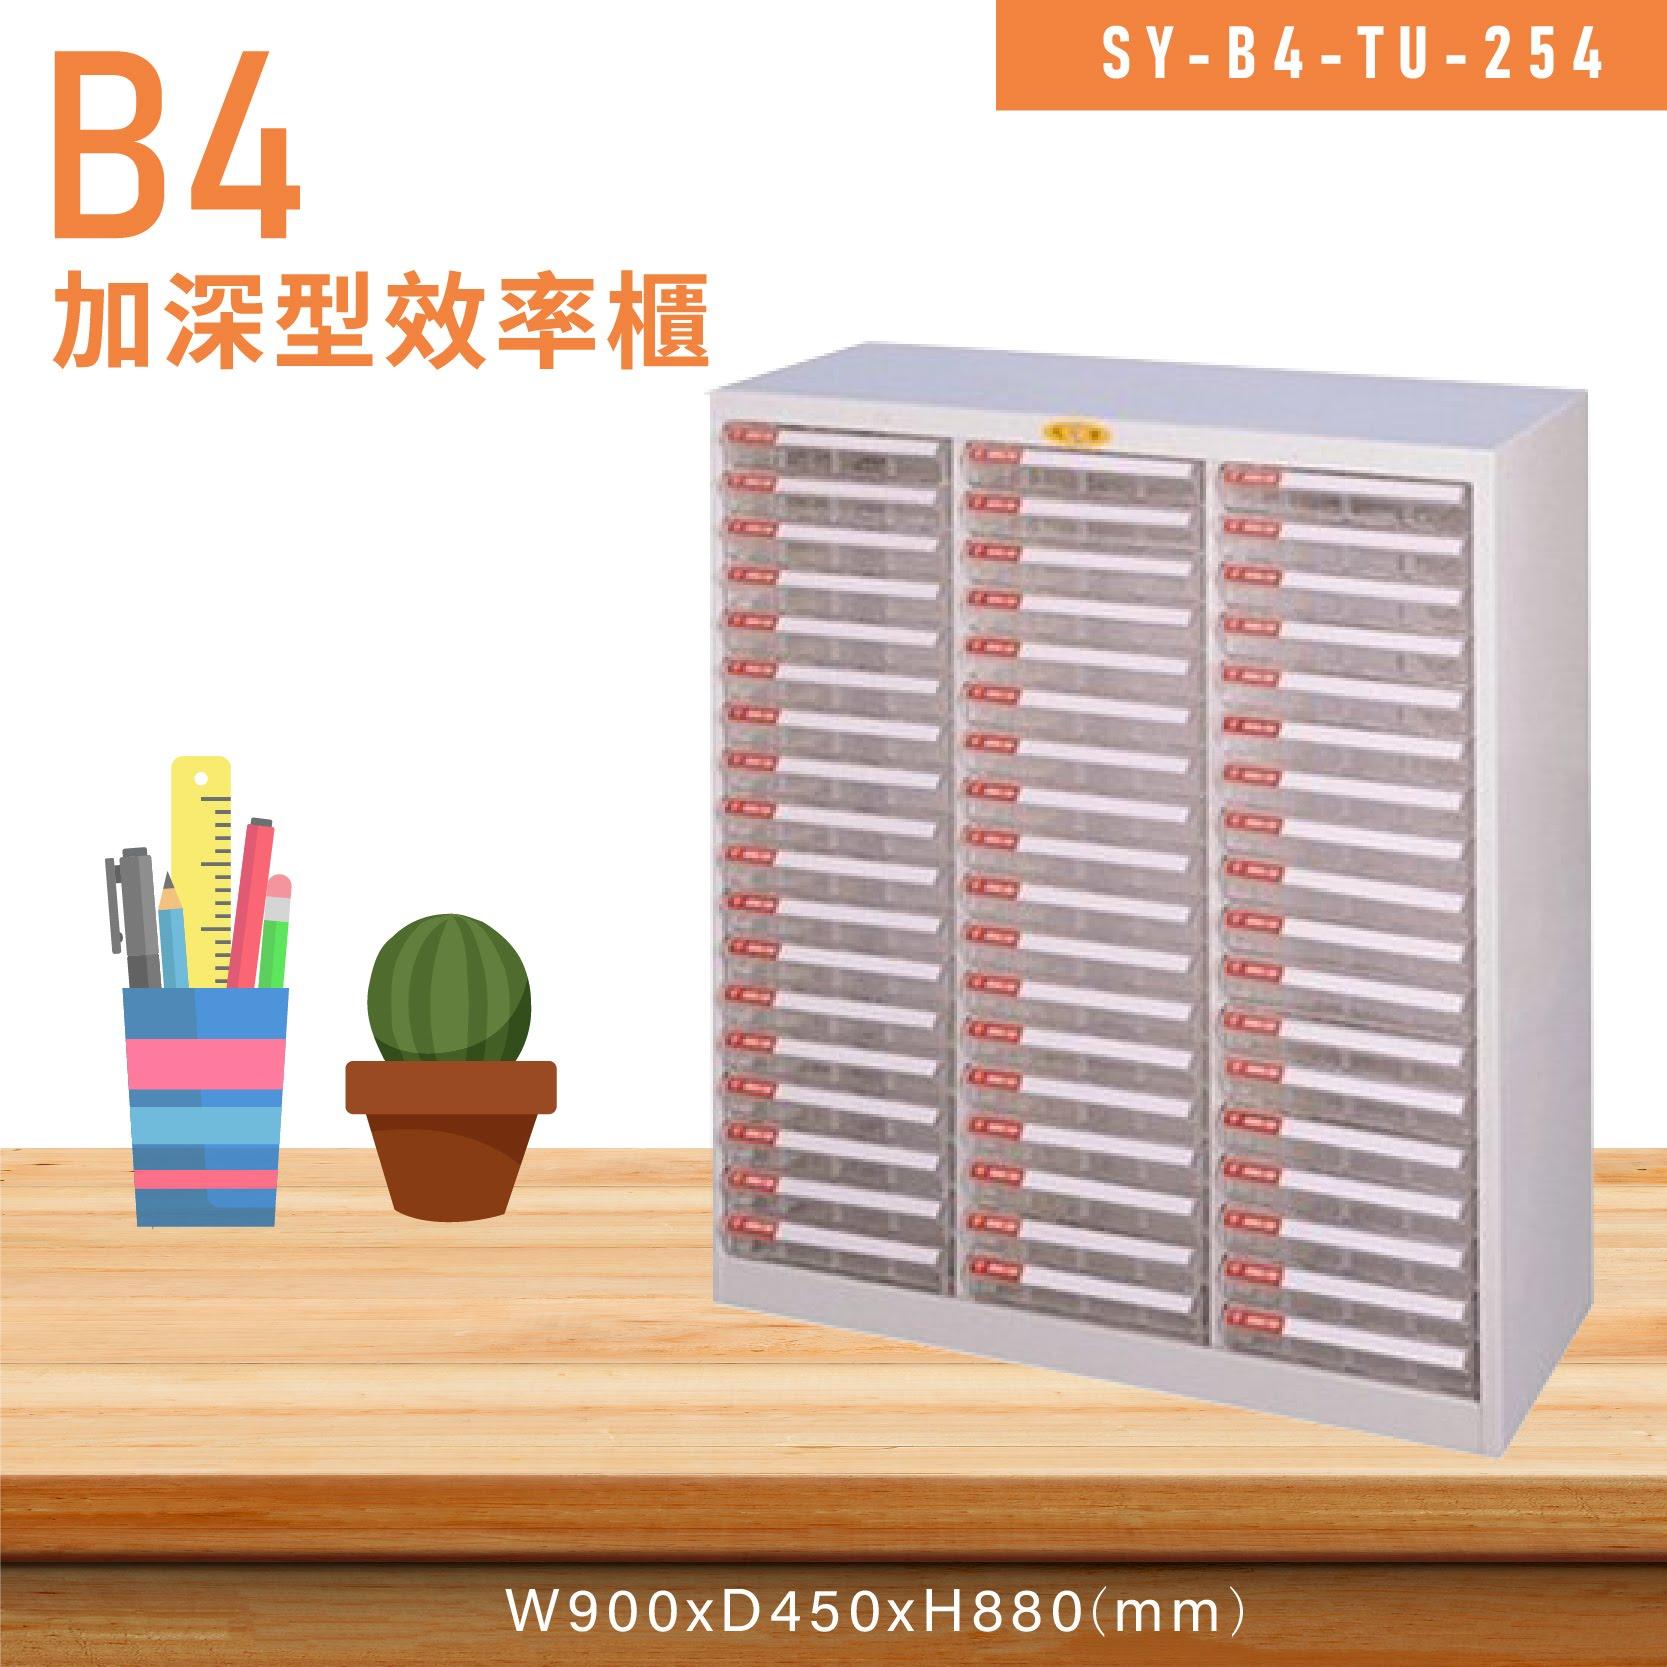 MIT台灣製造【大富】SY-B4-TU-254特大型抽屜綜合效率櫃 收納櫃 文件櫃 公文櫃 資料櫃 置物櫃 收納置物櫃